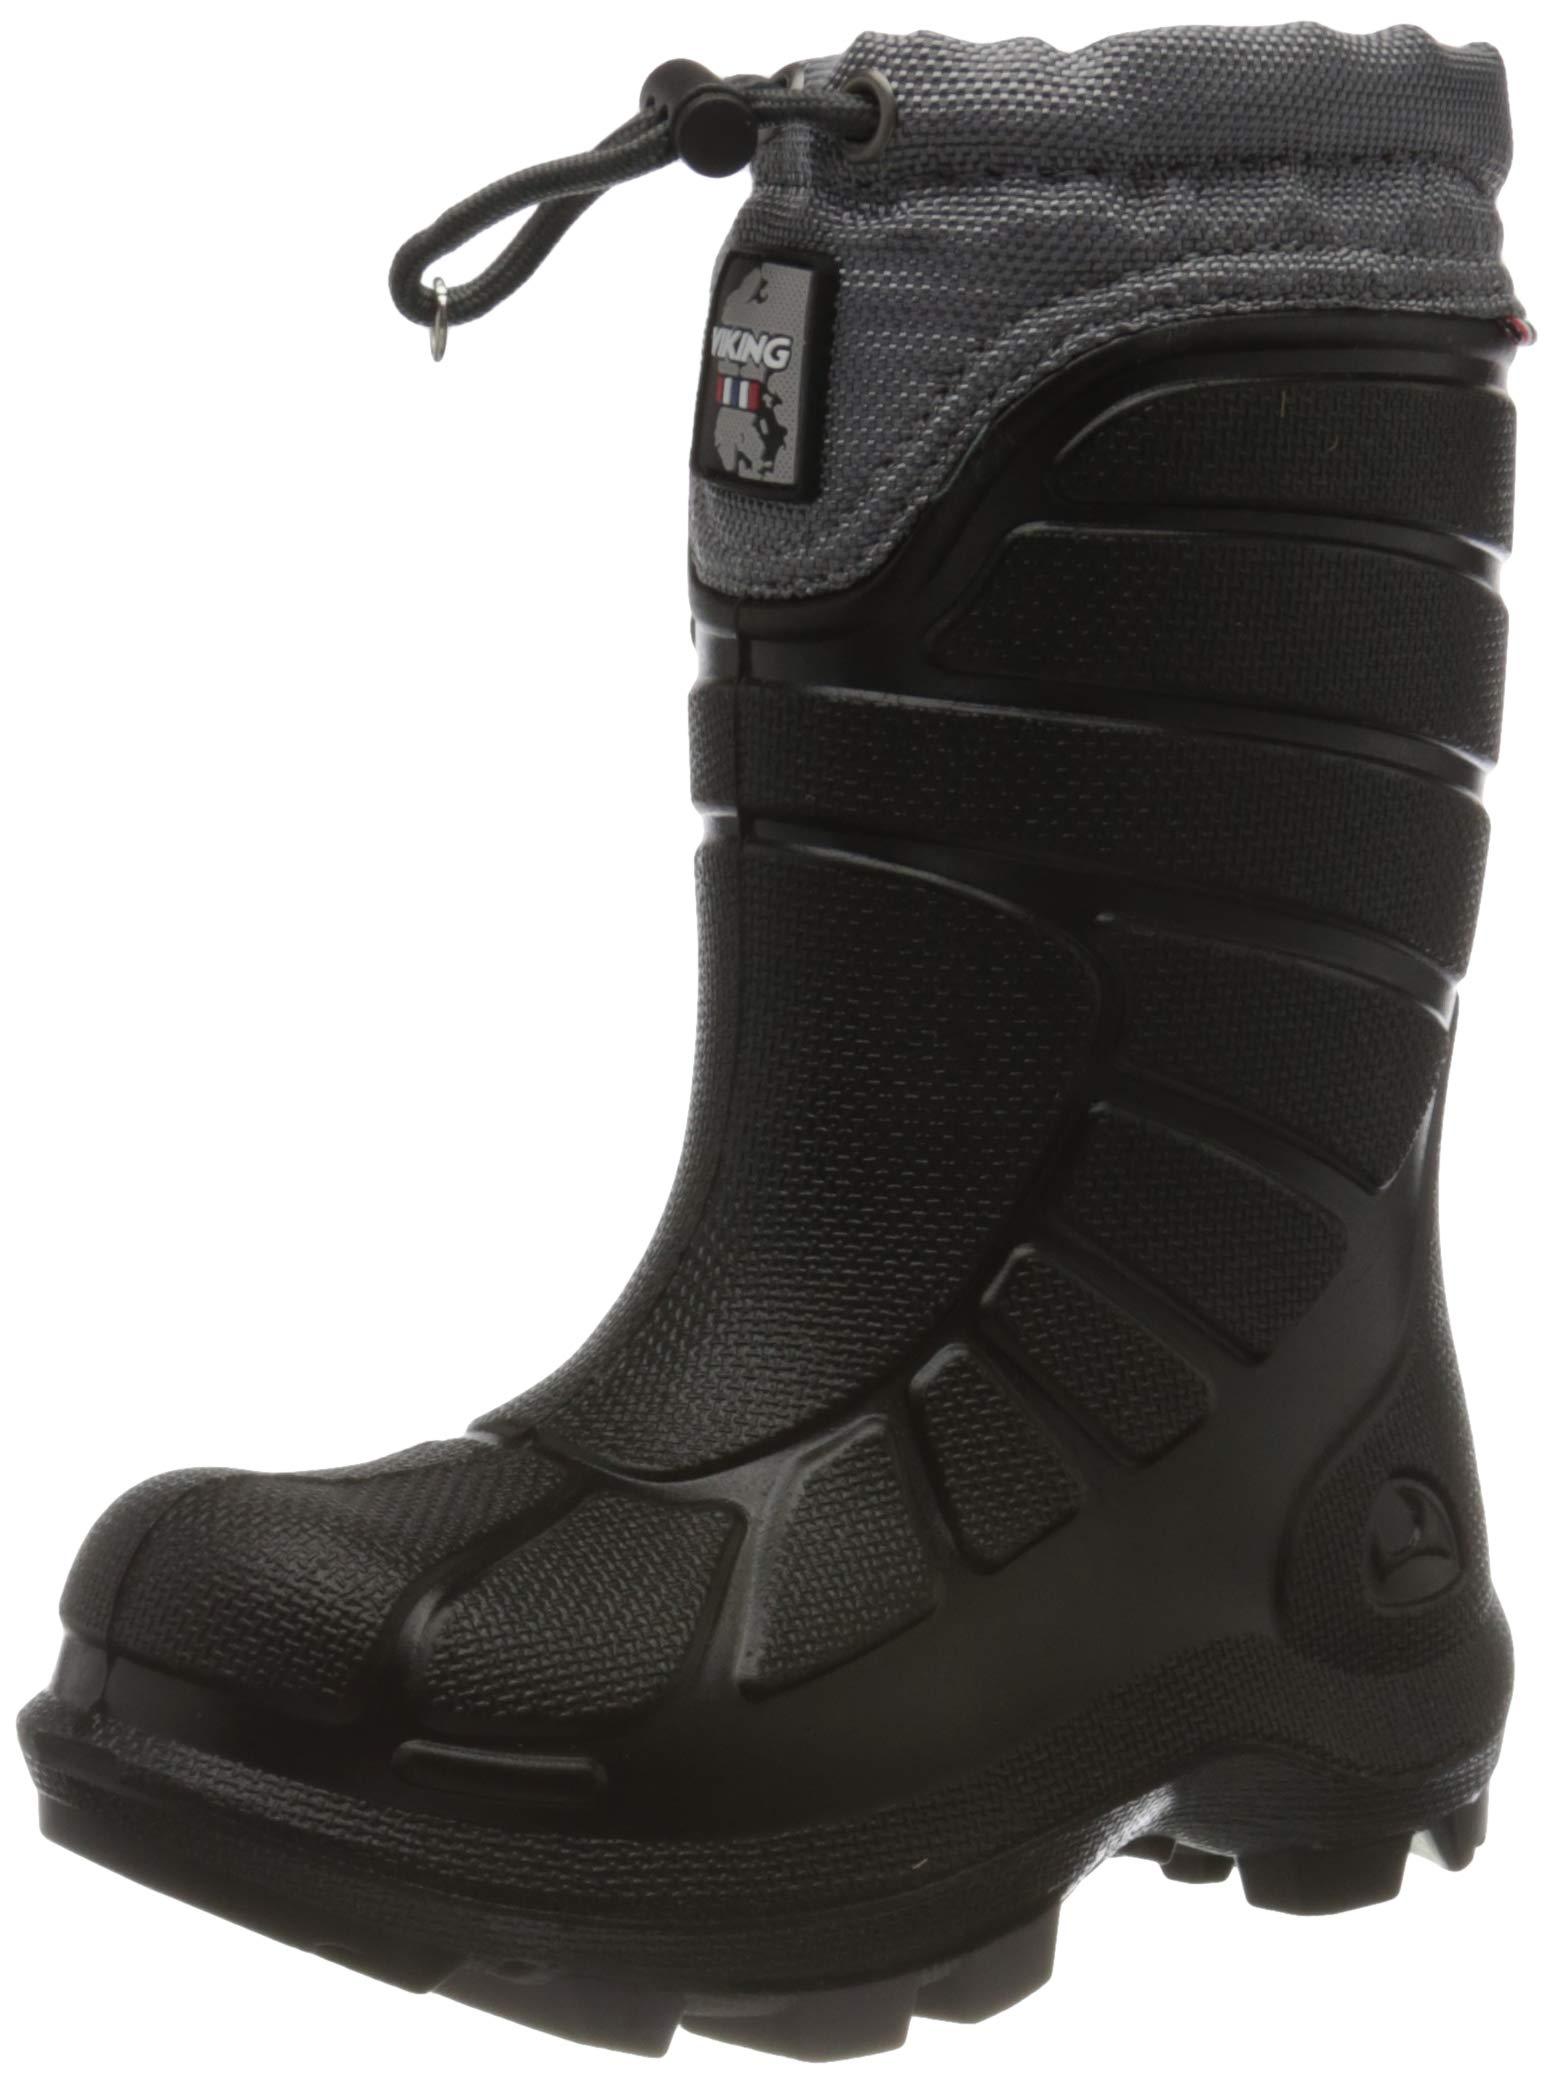 Viking Unisex-Child Extreme Boots